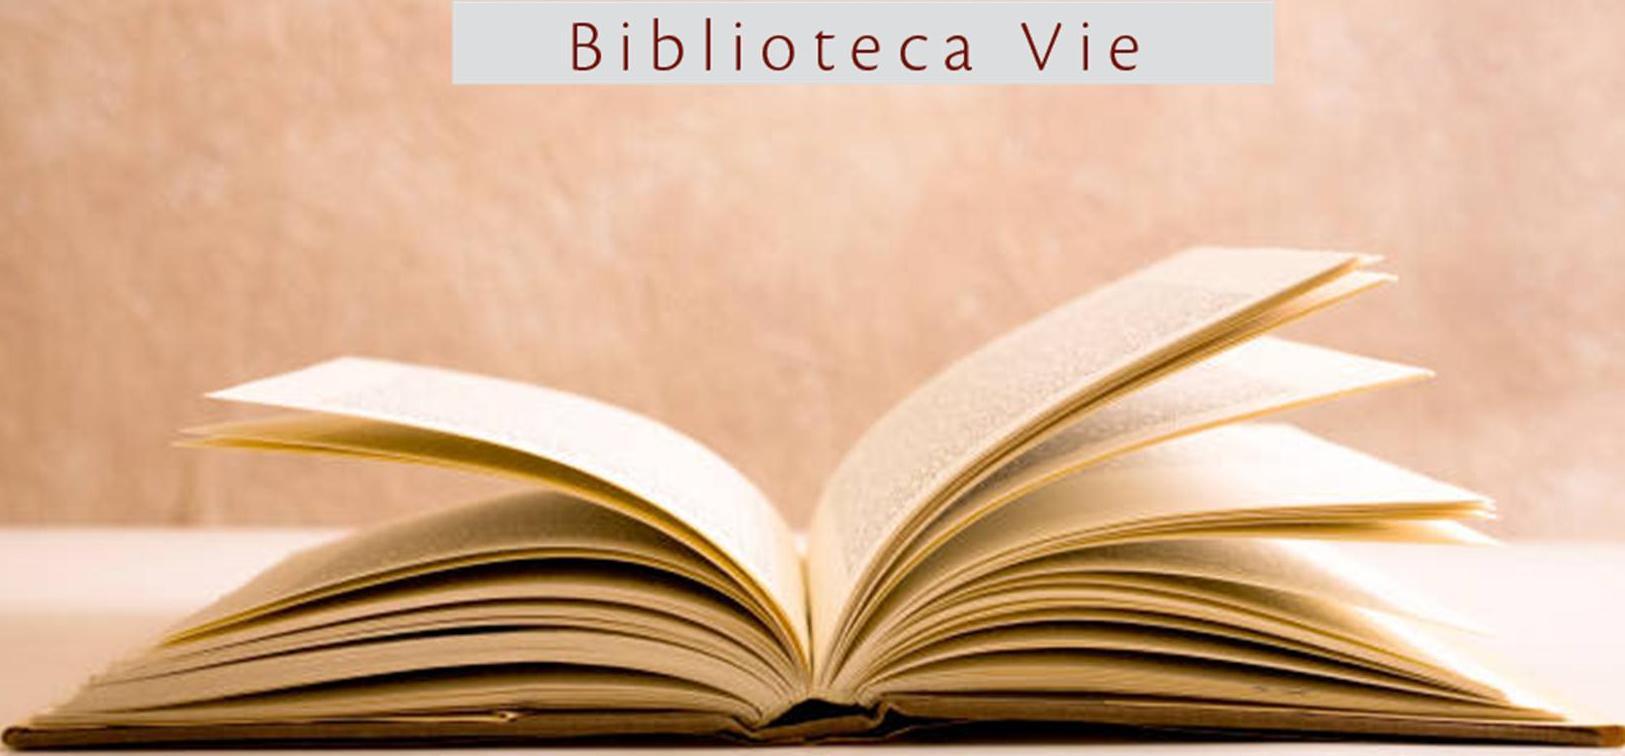 Carti citite in ultima perioada